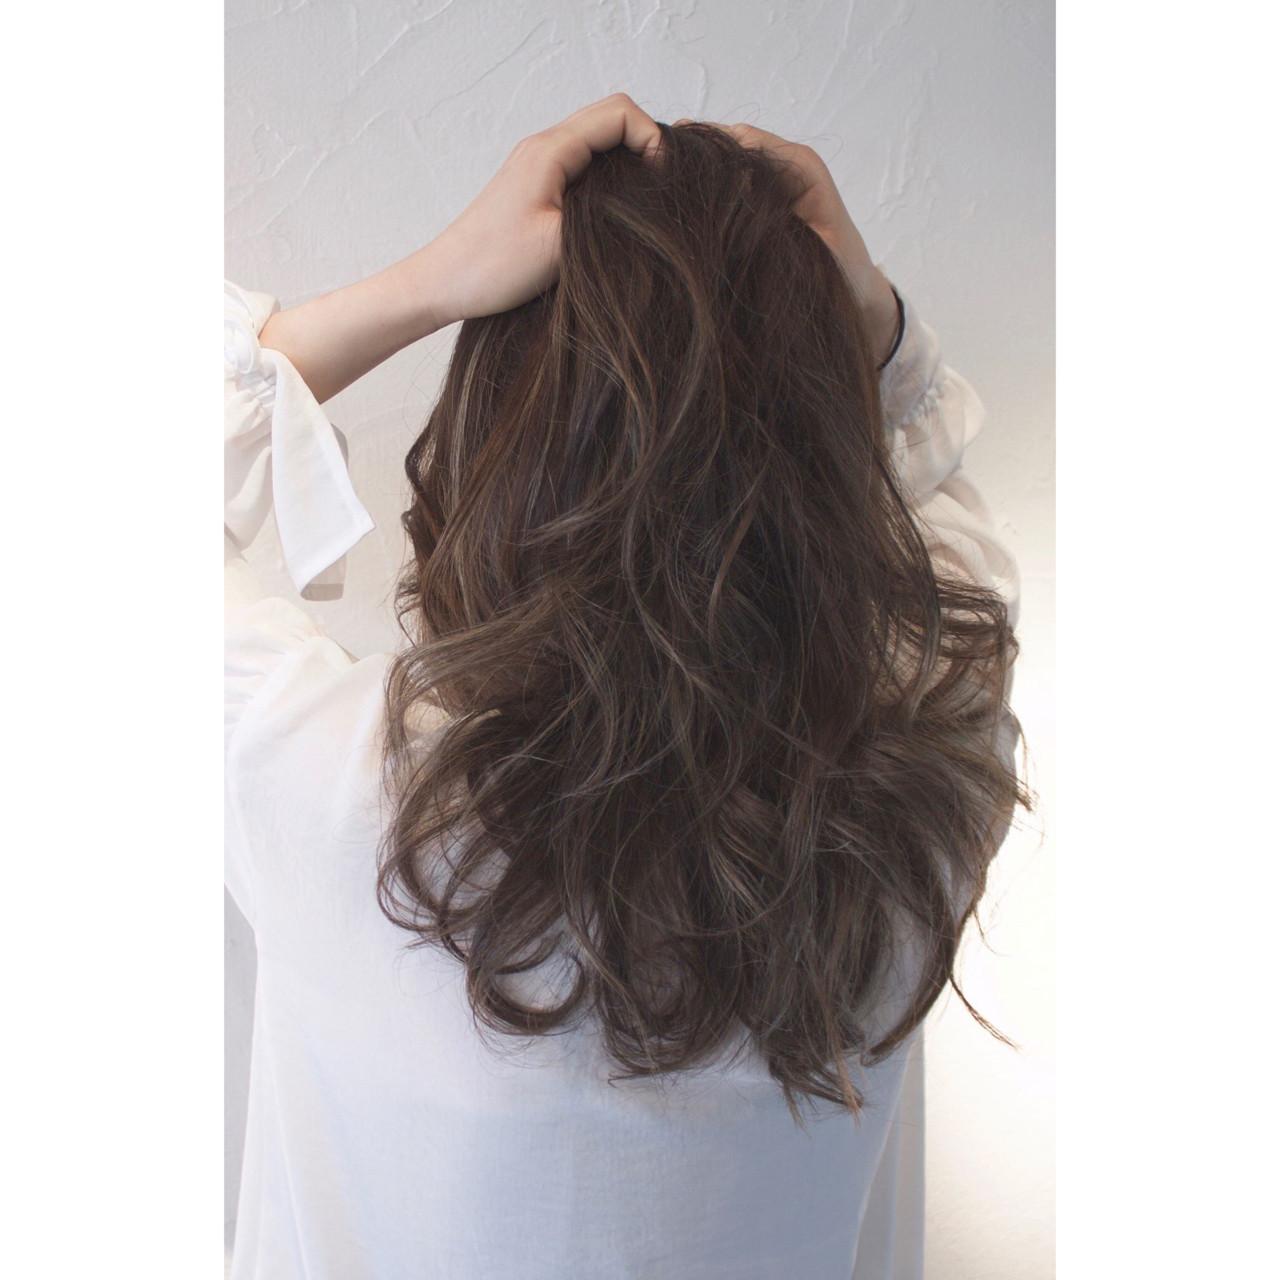 面長ロングさん向けヘアスタイル10選!自分に似合う髪形を知ろう。 スタイリスト 大西 つねお